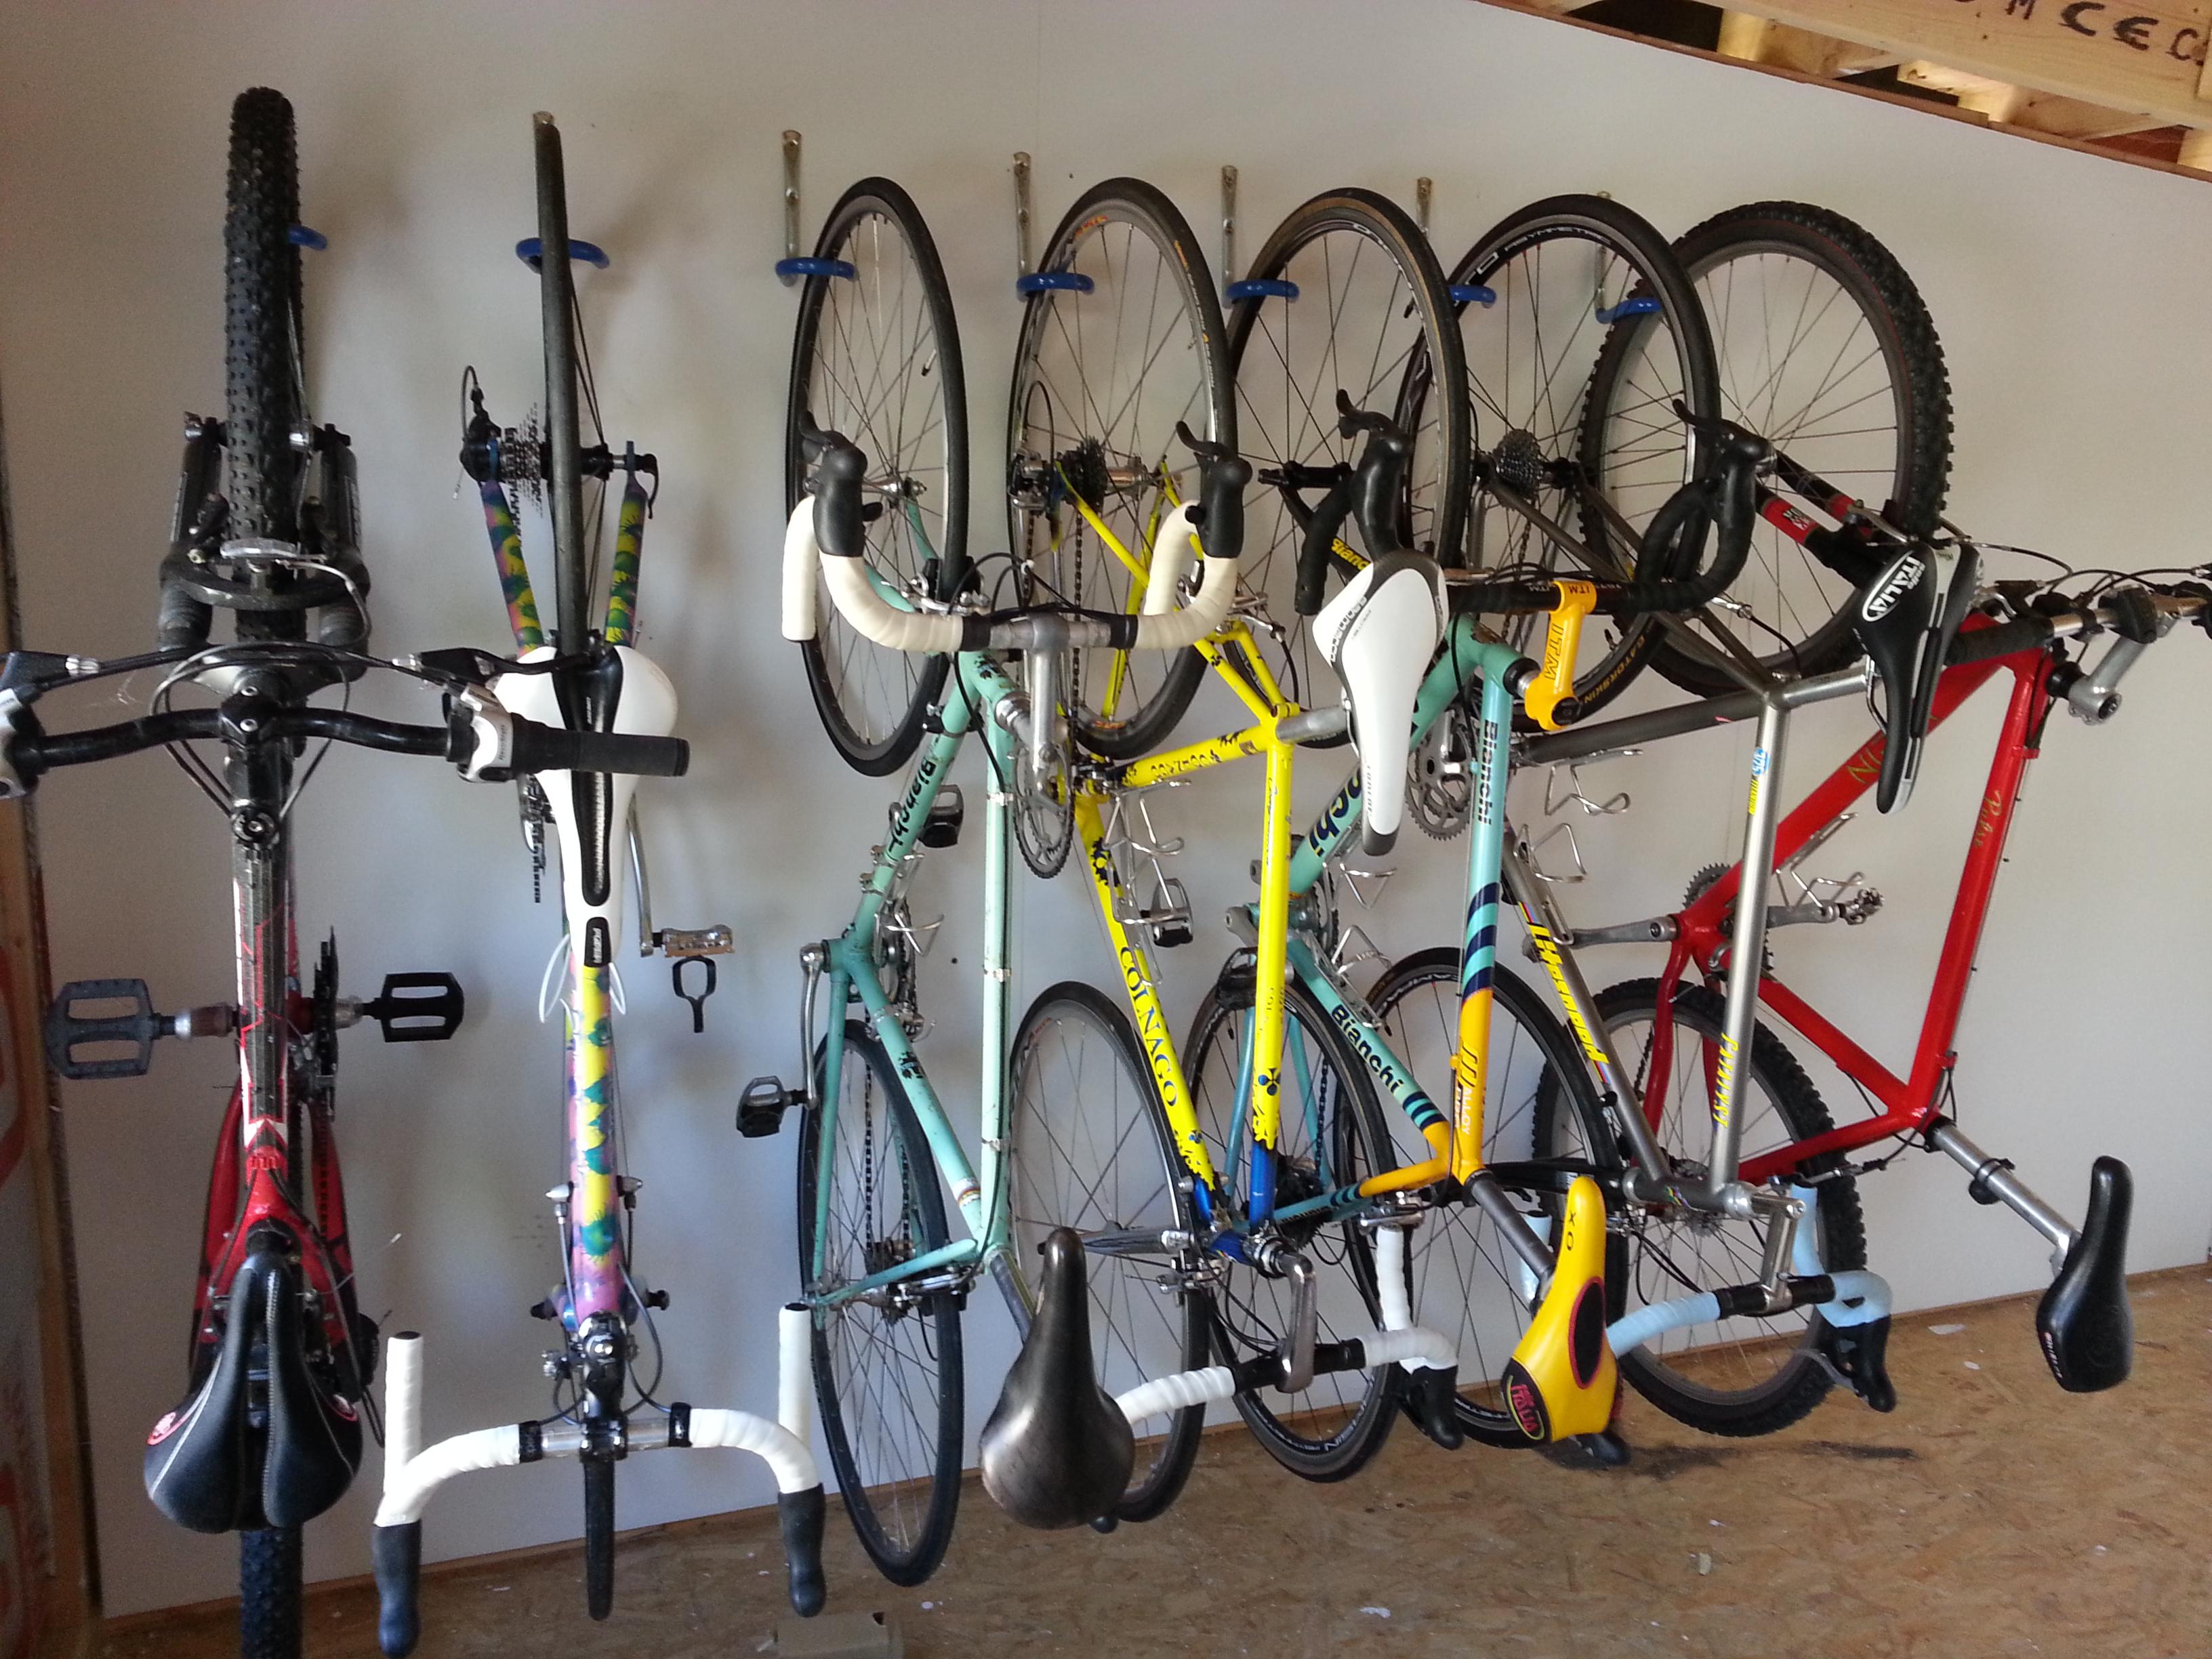 dahanger hanging wall pin hook floor your reclaim bike hanger space dan rack